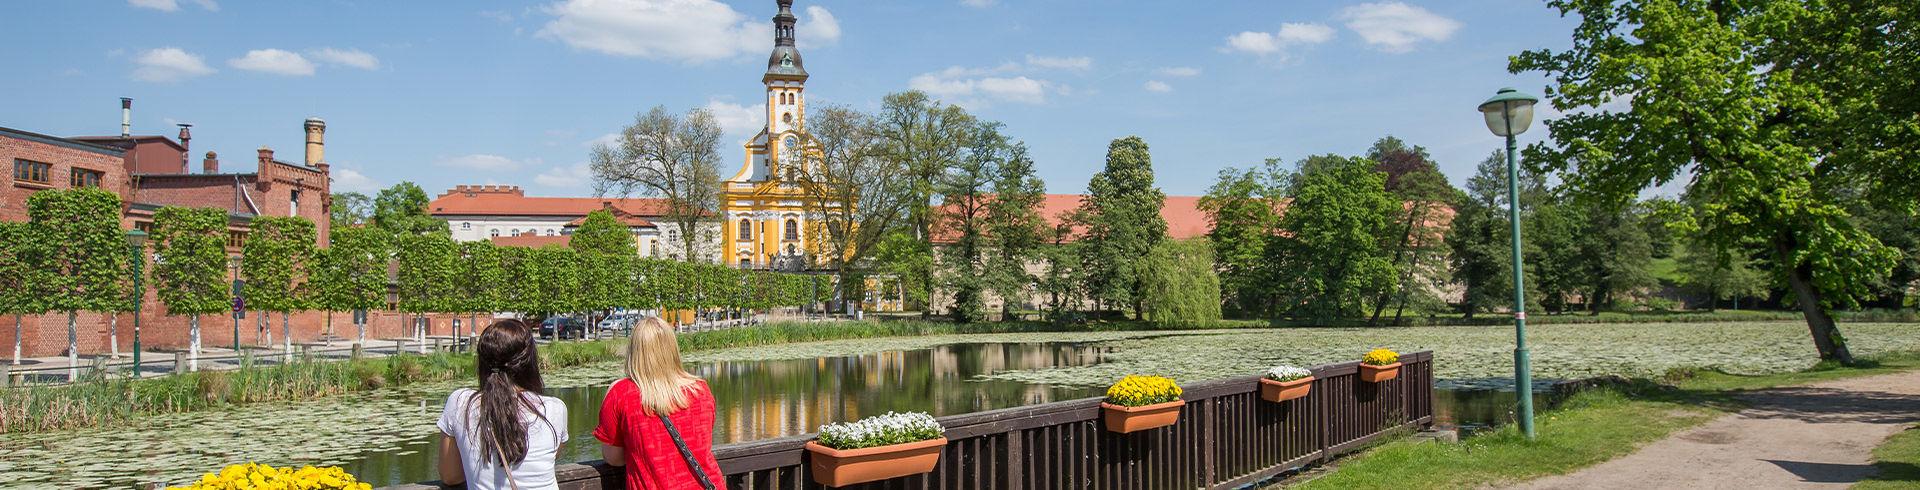 Blick über den Klosterteich auf das Kloster Neuzelle// Foto: Seenland Oder-Spree/ Florian Läufer